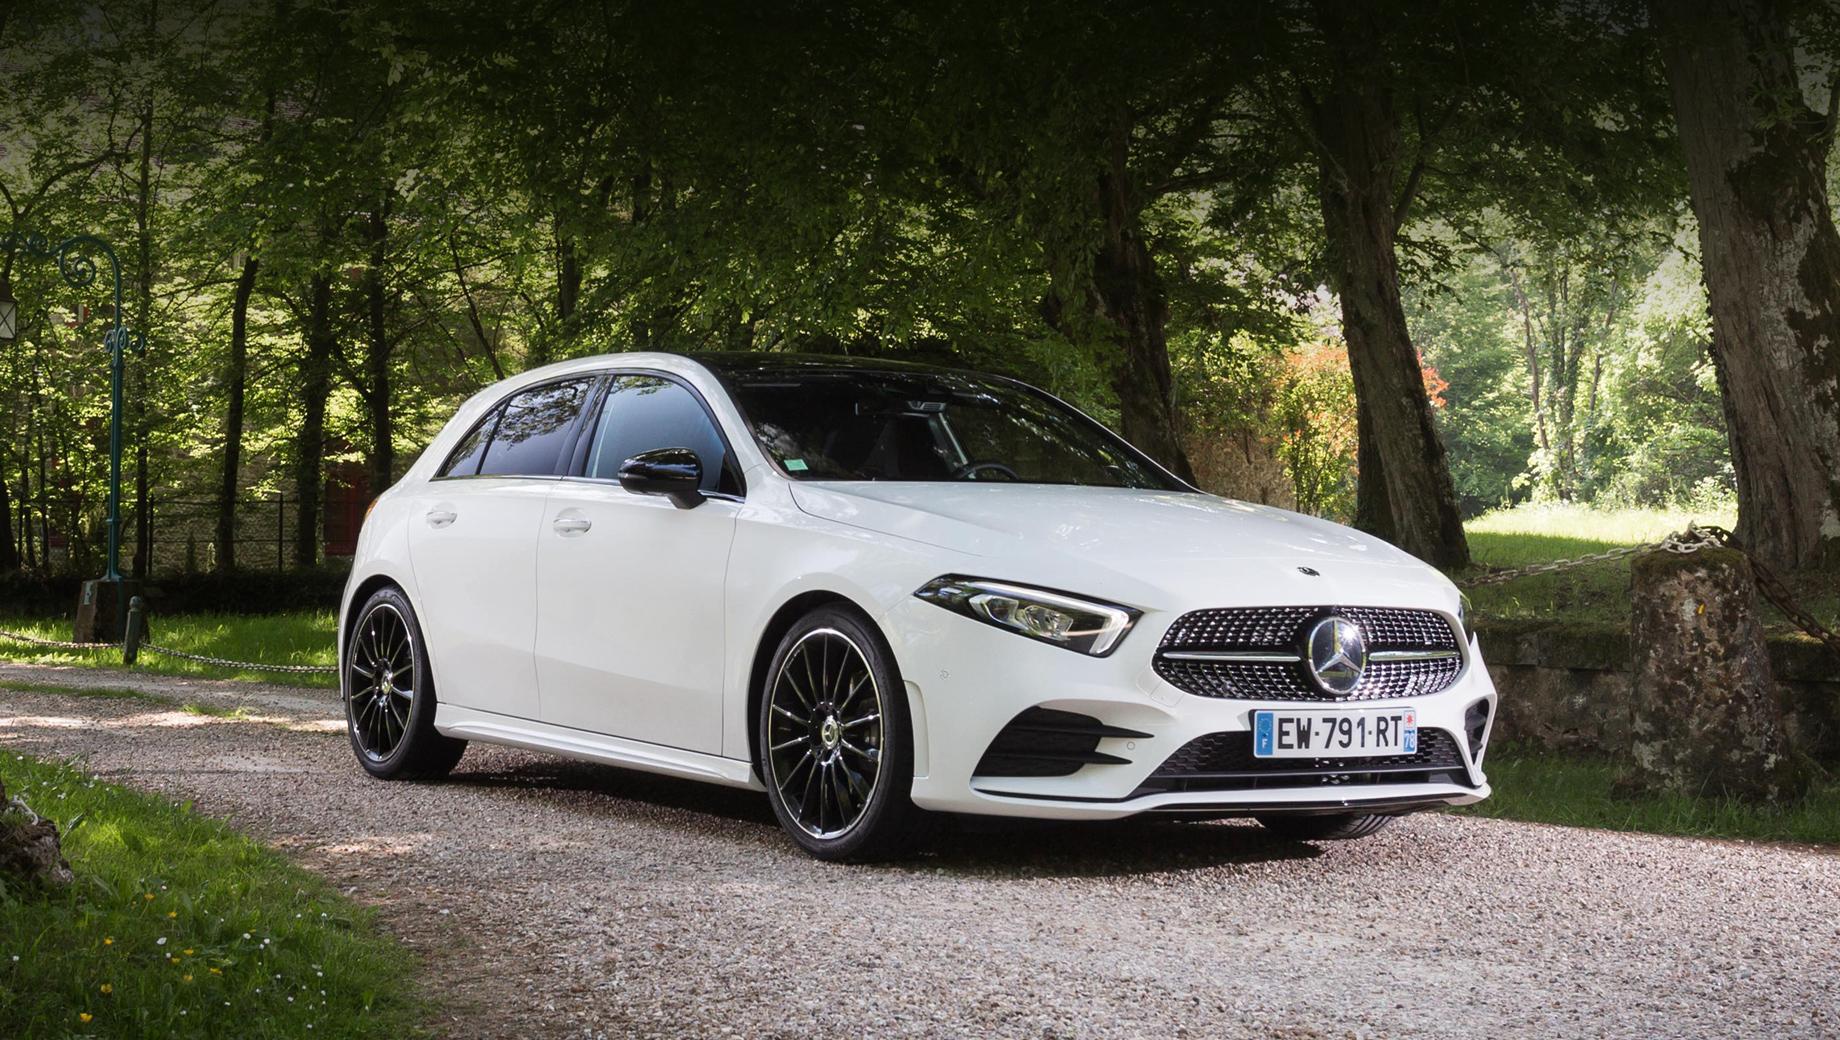 Mercedes a. В России А-класс стоит от 2 560 000 рублей за 150-сильный хэтчбек A 200 и от 2 490 000 за аналогичный седан. В 2020 году хэтчбеки-«ашки» в России приобрёл 461 человек, а седан А-класса — 659.